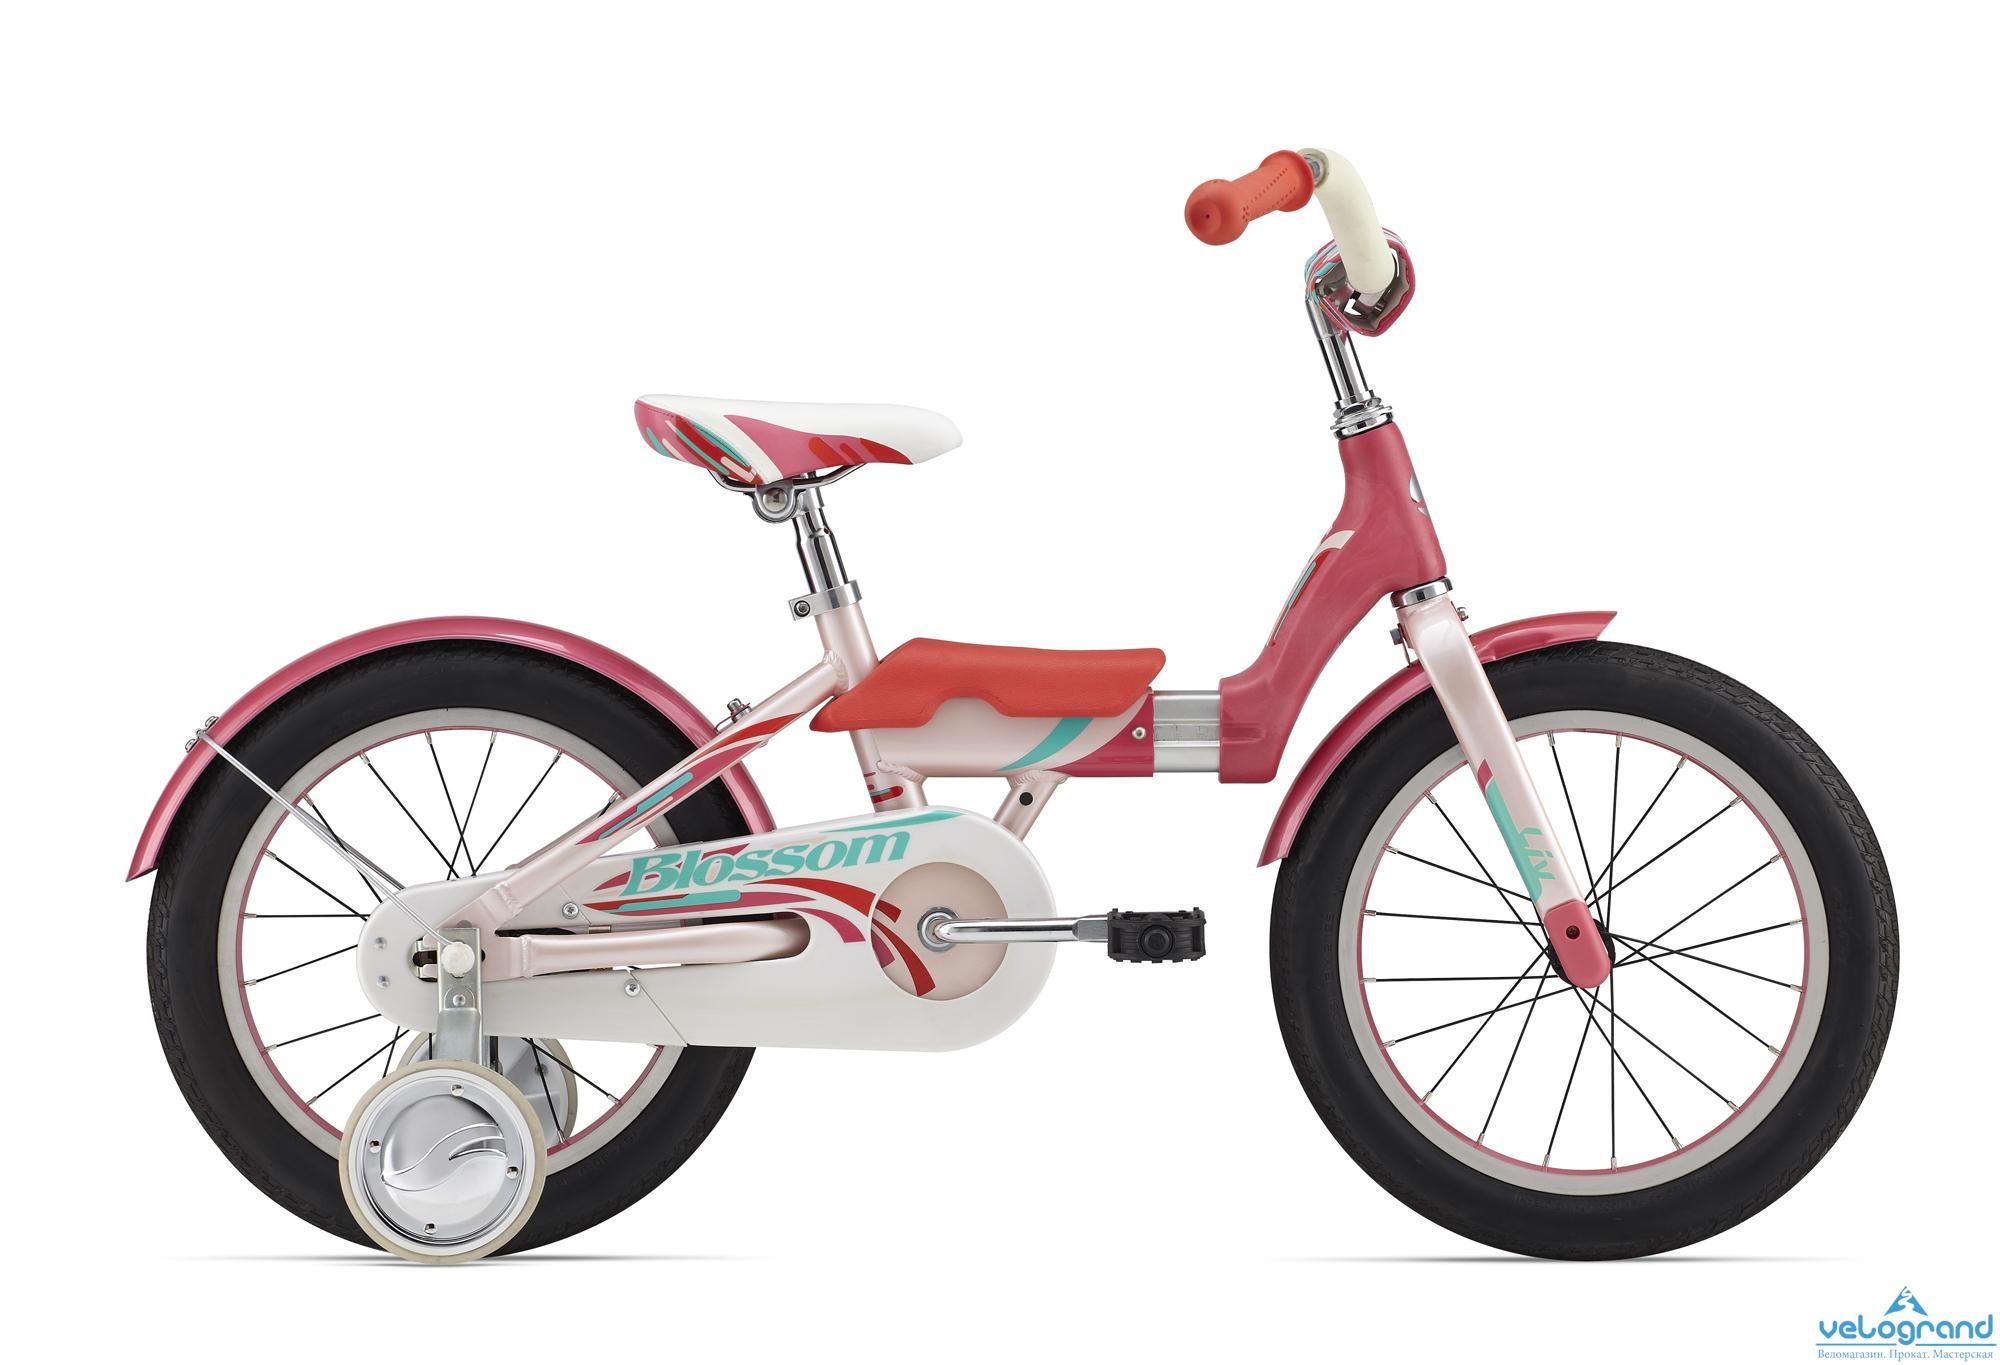 Детский велосипед Giant Blossom C/B (2016) от Velogrand